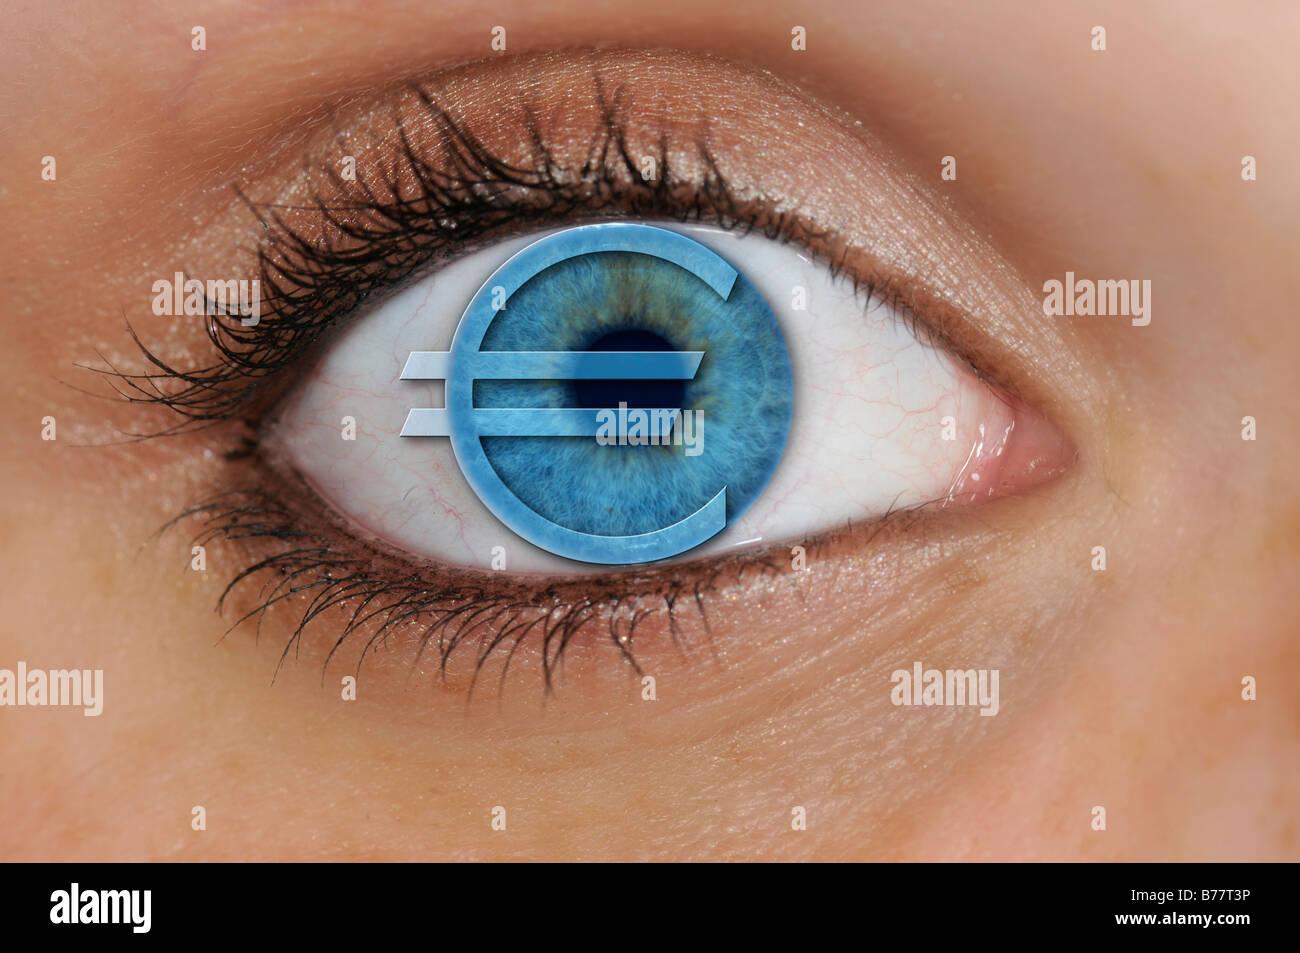 Oeil avec un symbole de l'euro en surimpression sur un iris bleu, détail, symbolique de l'avarice Photo Stock